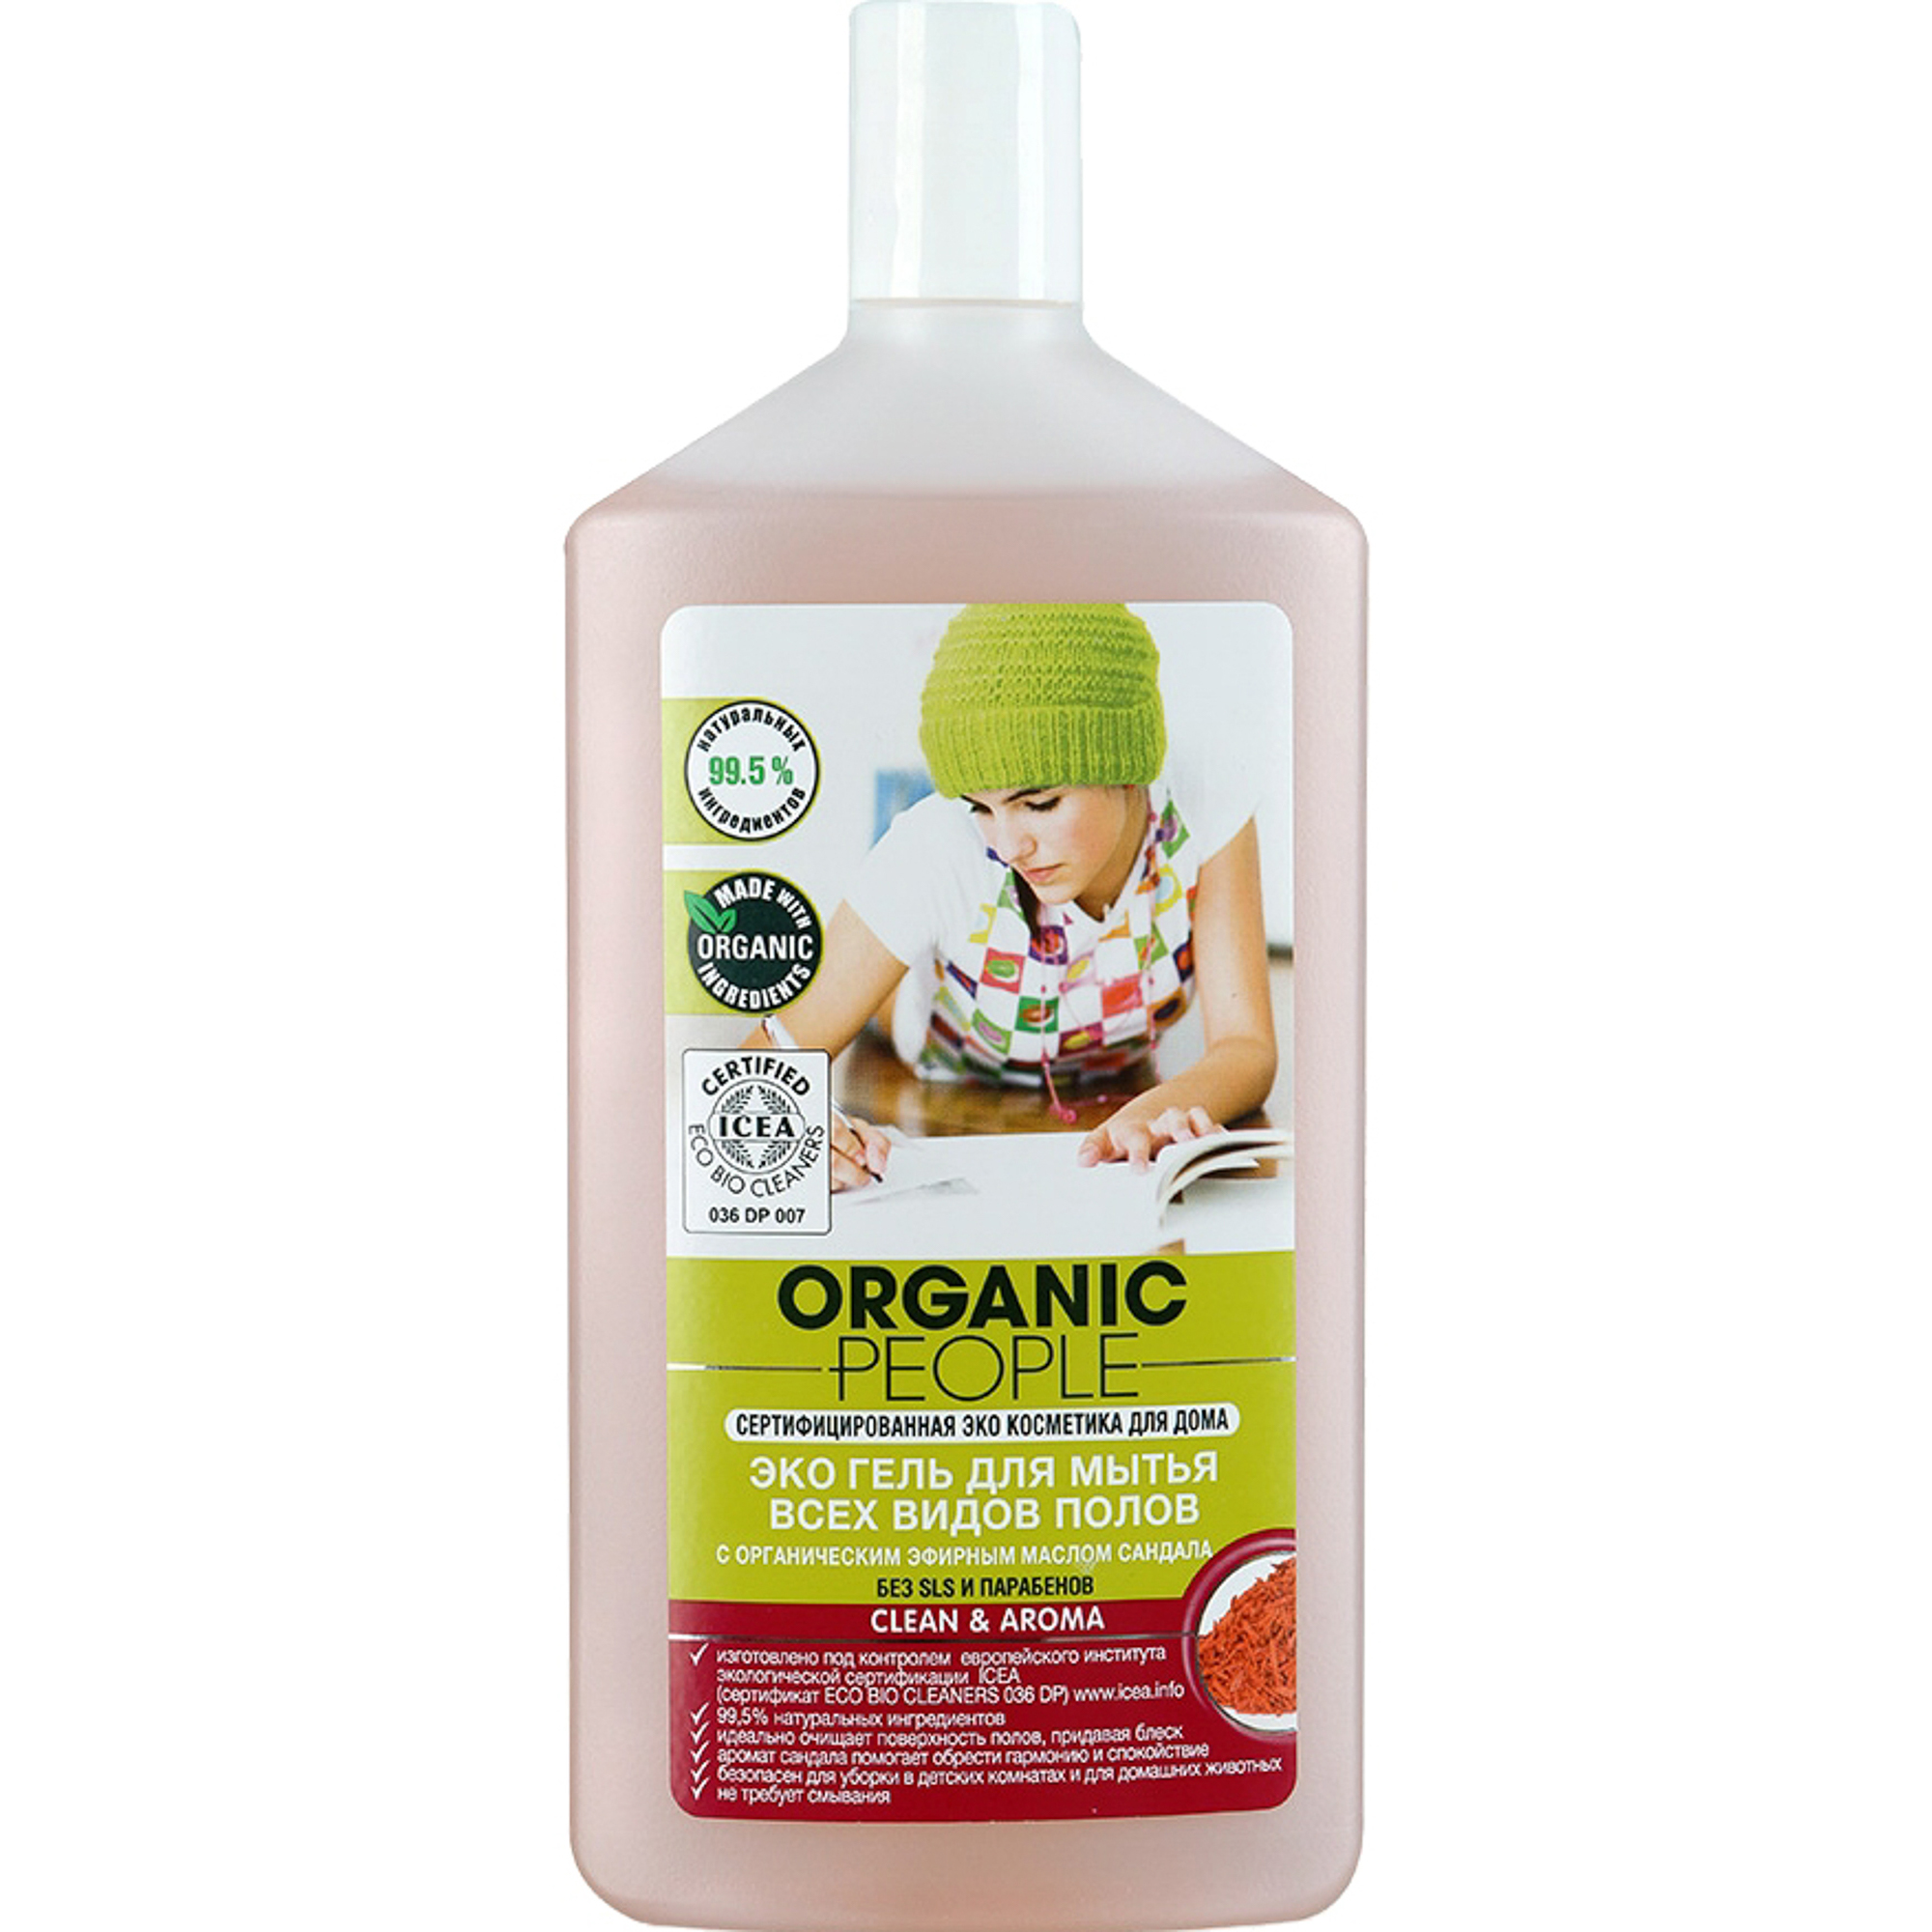 Эко гель ORGANIC PEOPLE Для мытья всех видов полов 500 мл.